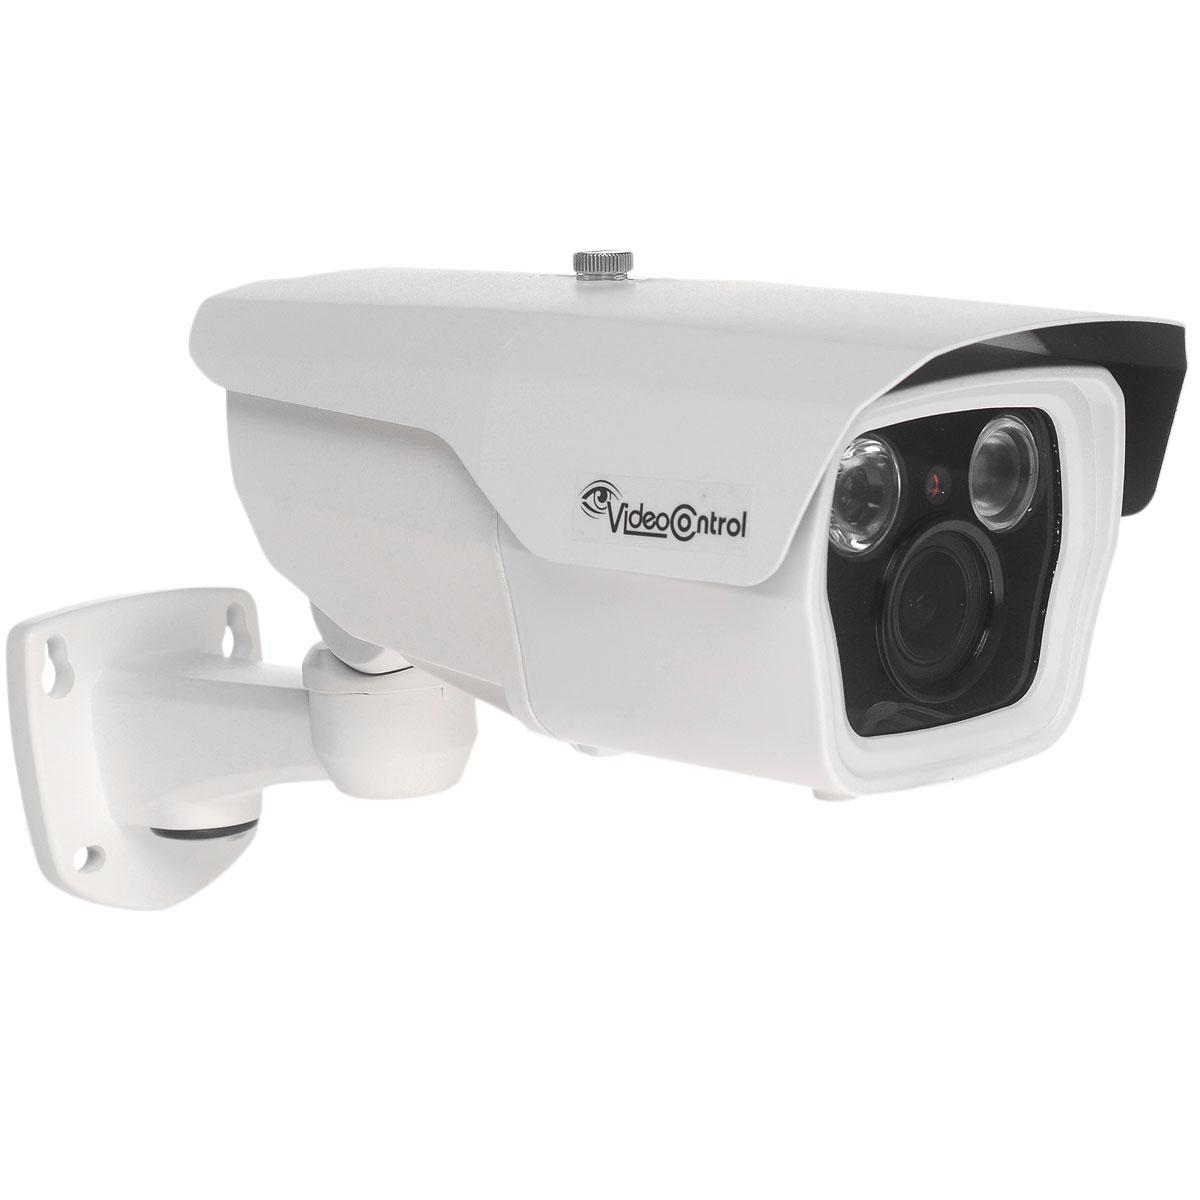 Video Control VC-DIRP6610IPS-P IP камера видеонаблюденияVC-DIRP6610IPS-PАнтивандальная цветная уличная всепогодная IP видеокамера высокого разрешения Video Control VC- DIRP6610IPS предназначена для использования на улице, хотя также может быть использована в любом большом помещении (склад, ангар, гараж, бокс и т.д.). С помощью сетевой камеры VC-DIRP6610IPS-P вы быстро сможете установить видеонаблюдение за любым объектом из любой точки мира. Используя возможность удаленного подключения к данной камере через браузер (Internet Explorer, Safari, Google Chrome, Firefox и т.д.) Вы можете просматривать и записывать все, что происходит в другом помещении с любого устройства, будь то компьютер, телефон, планшет. В данной IP камере реализована поддержка практически всех мобильных платформ - IPhone, Ipad, Android, Blackberry, Symbiam и т.д. Video Control VC-DIRP6610IPS поддерживает ONVIF протокол, что позволяет использовать камеру в комбинации с любыми совместимыми ИП камерами, видеорегистраторами, системами управления и тд. Сетевая камера ...